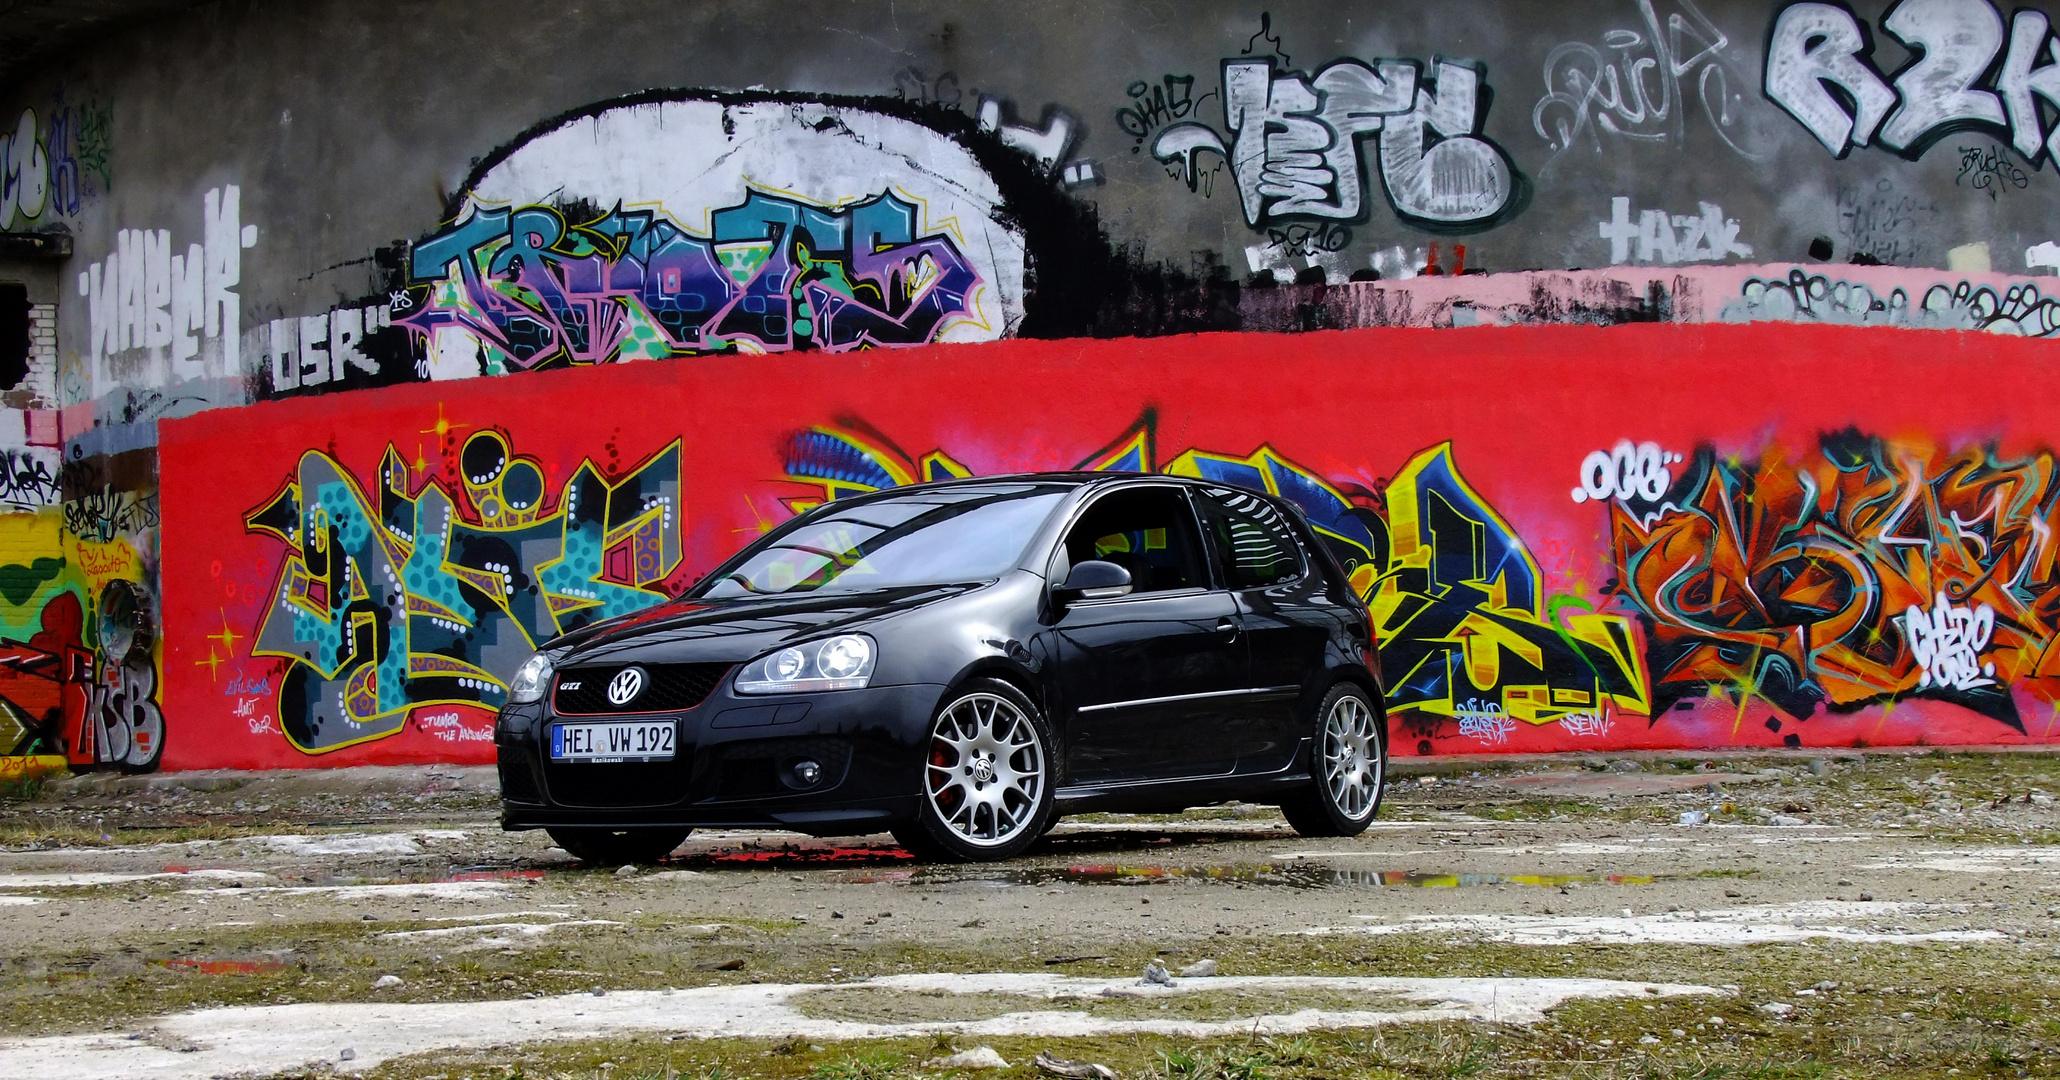 VW GTI V Edition 30 Alsen IZ